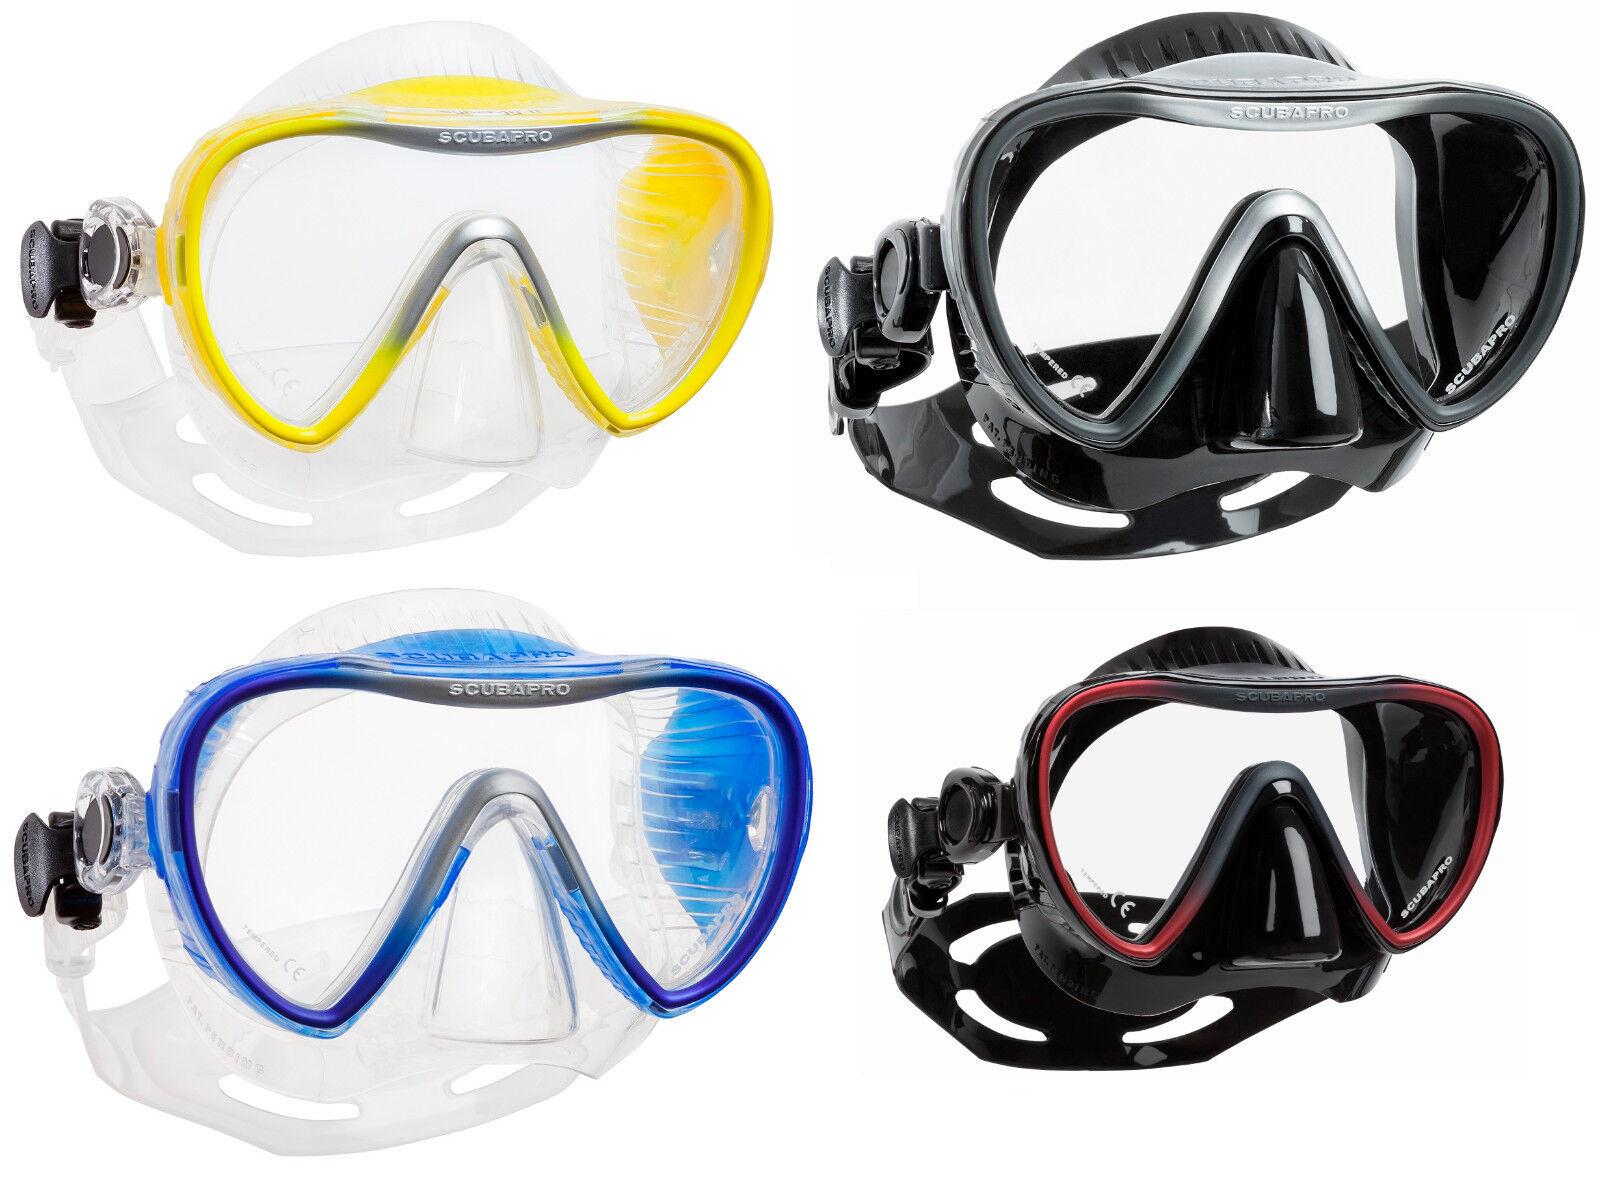 Scubapro Synergy 2 Maschera Immersioni Einglastauchmaske  Nuovo V.Fachhandel